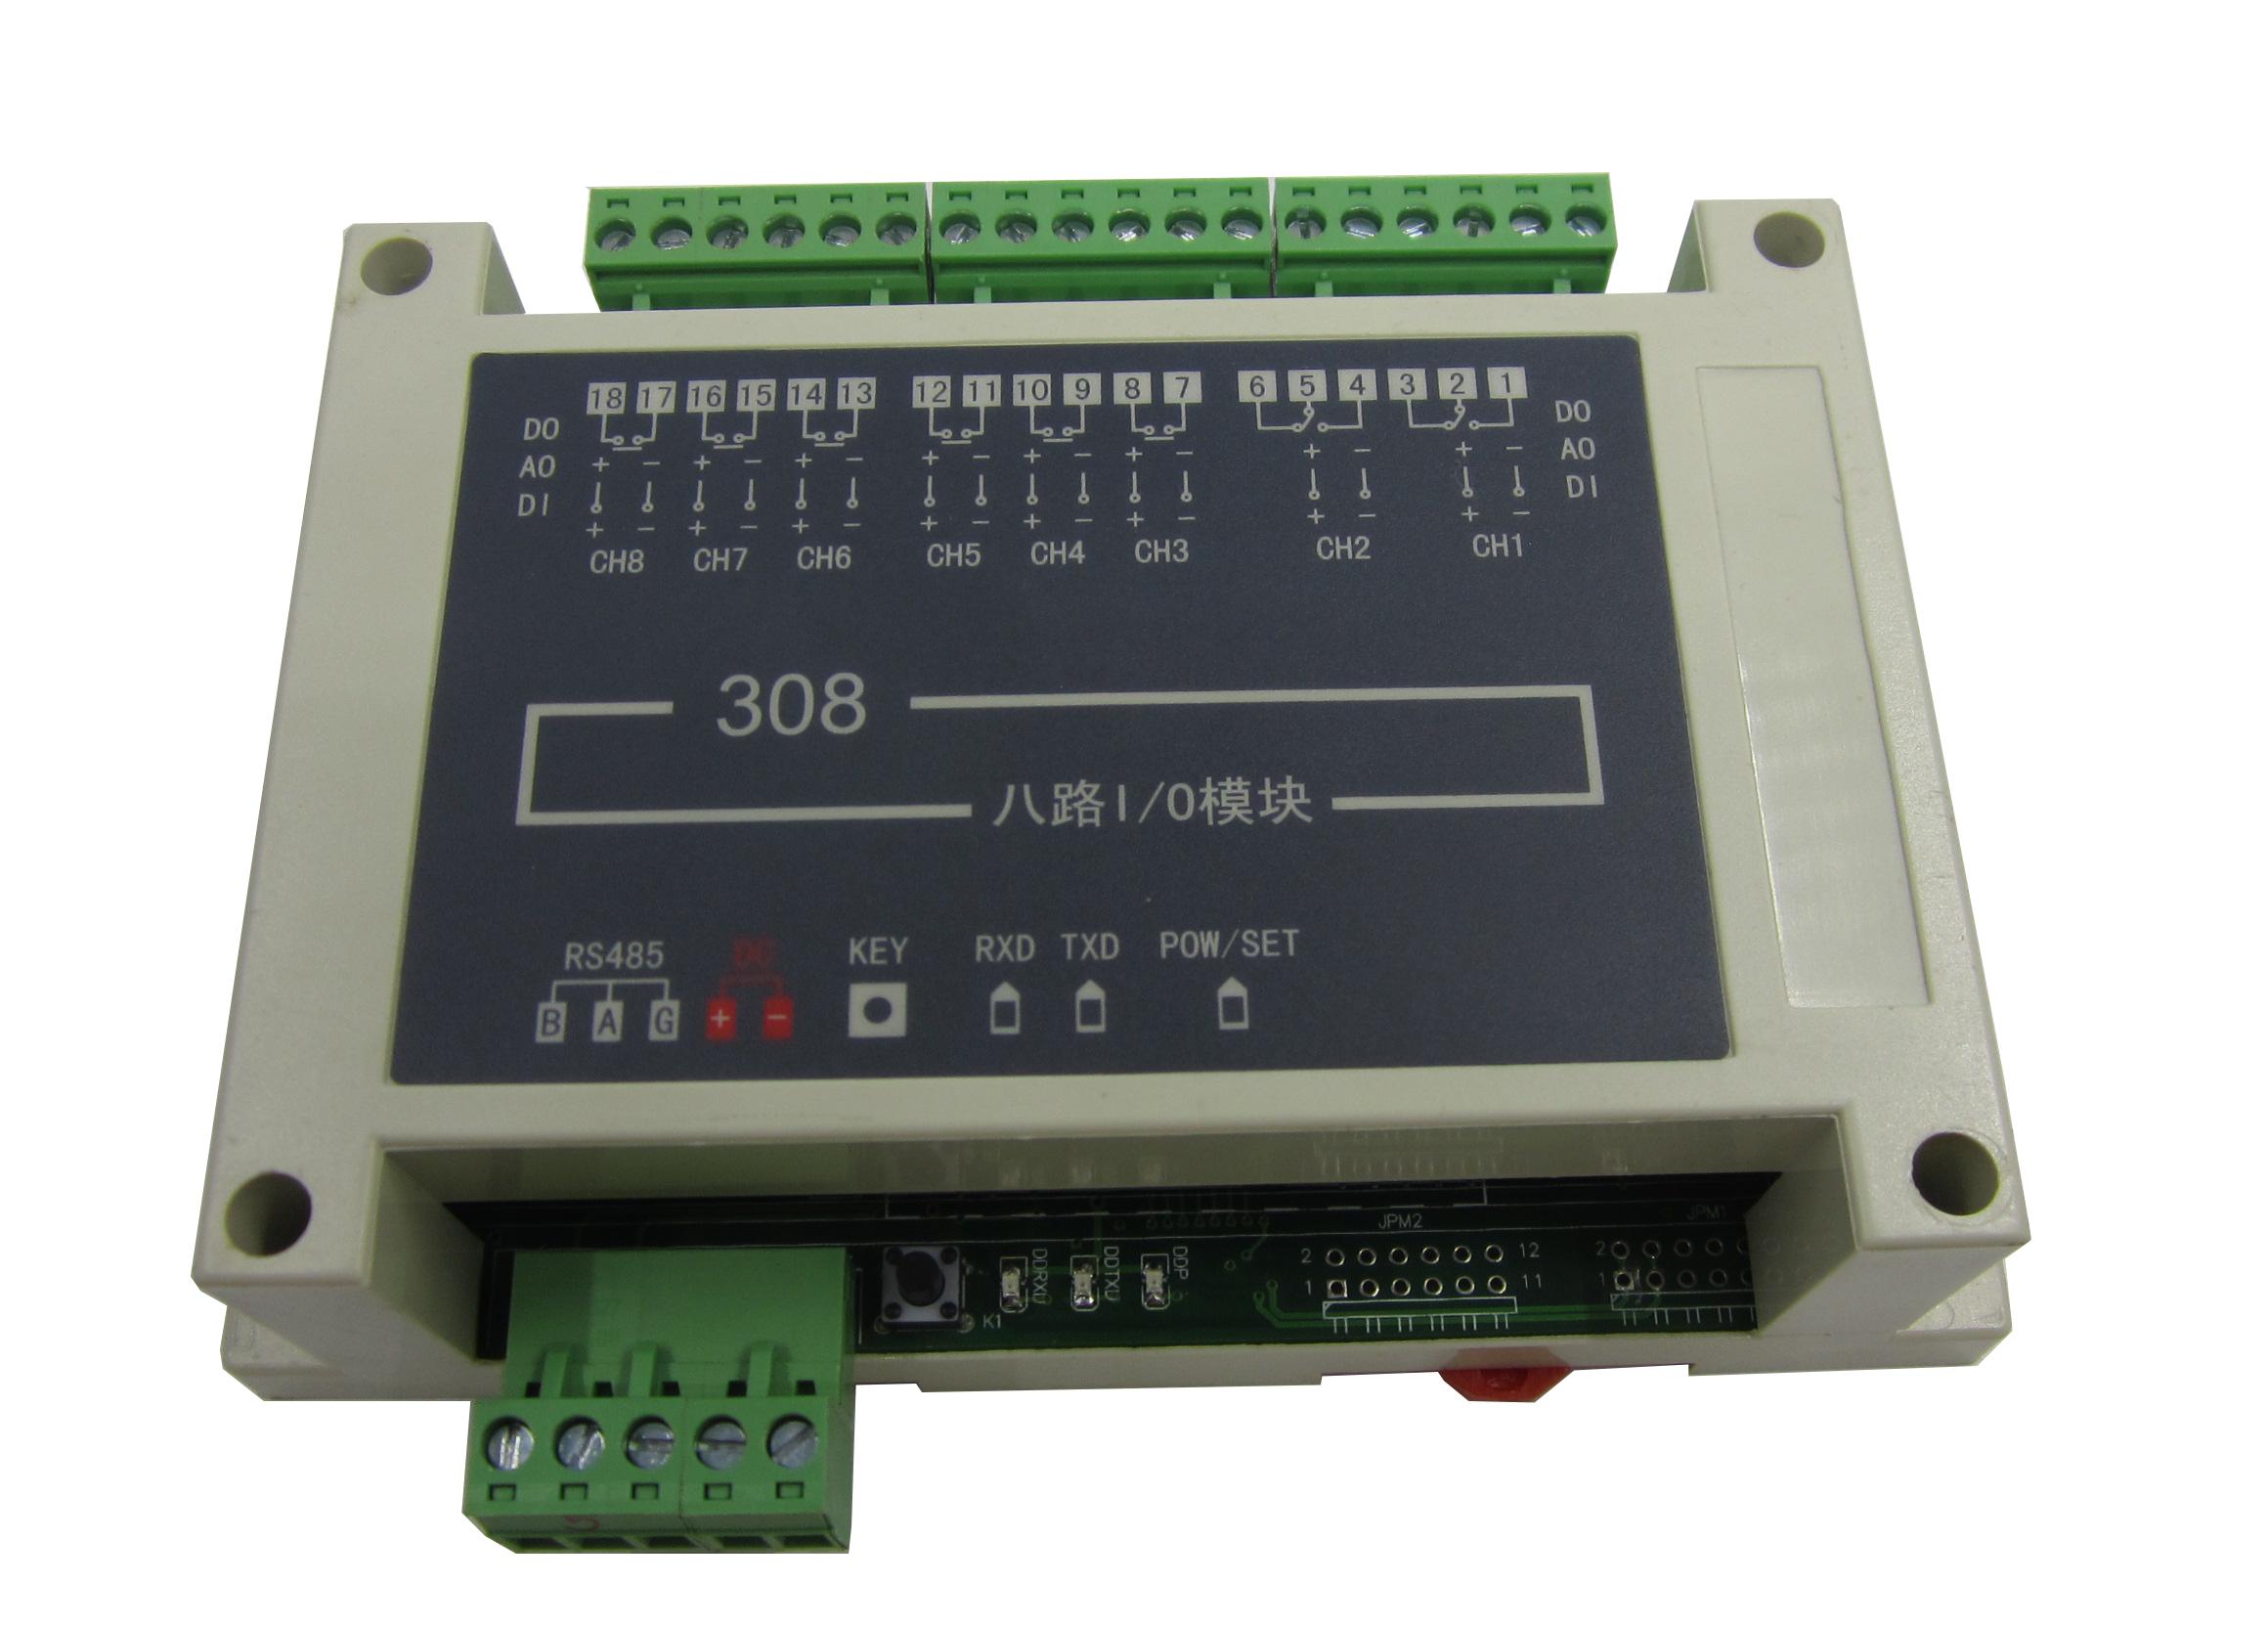 8路I/O模块数据采集模块